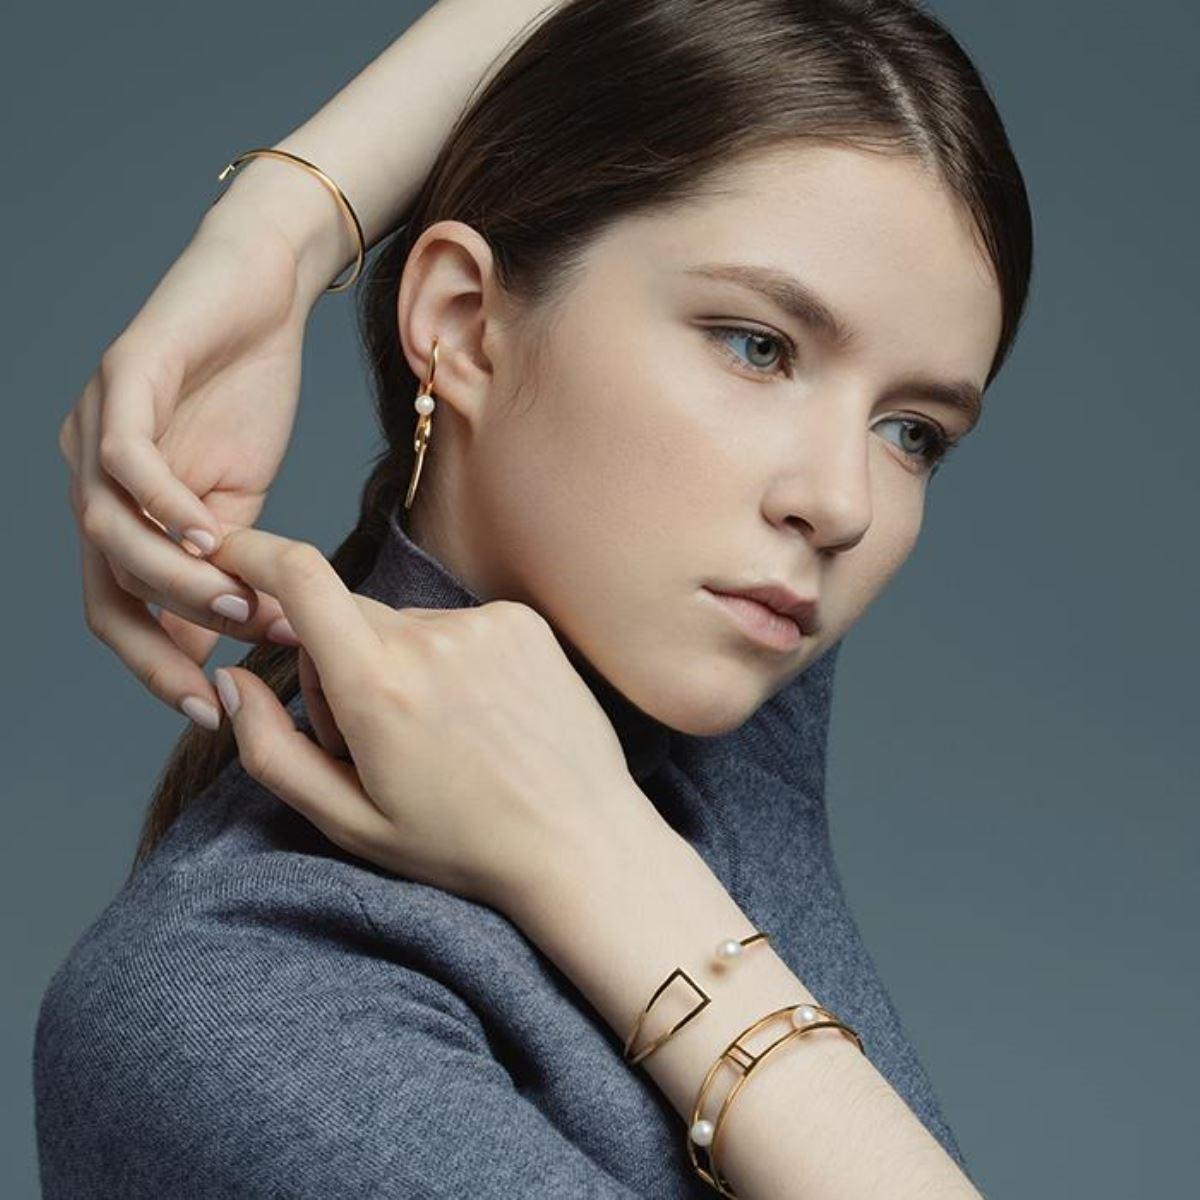 Michi Liang Jewelry掛耳式耳環形象圖(Michi Liang提供)